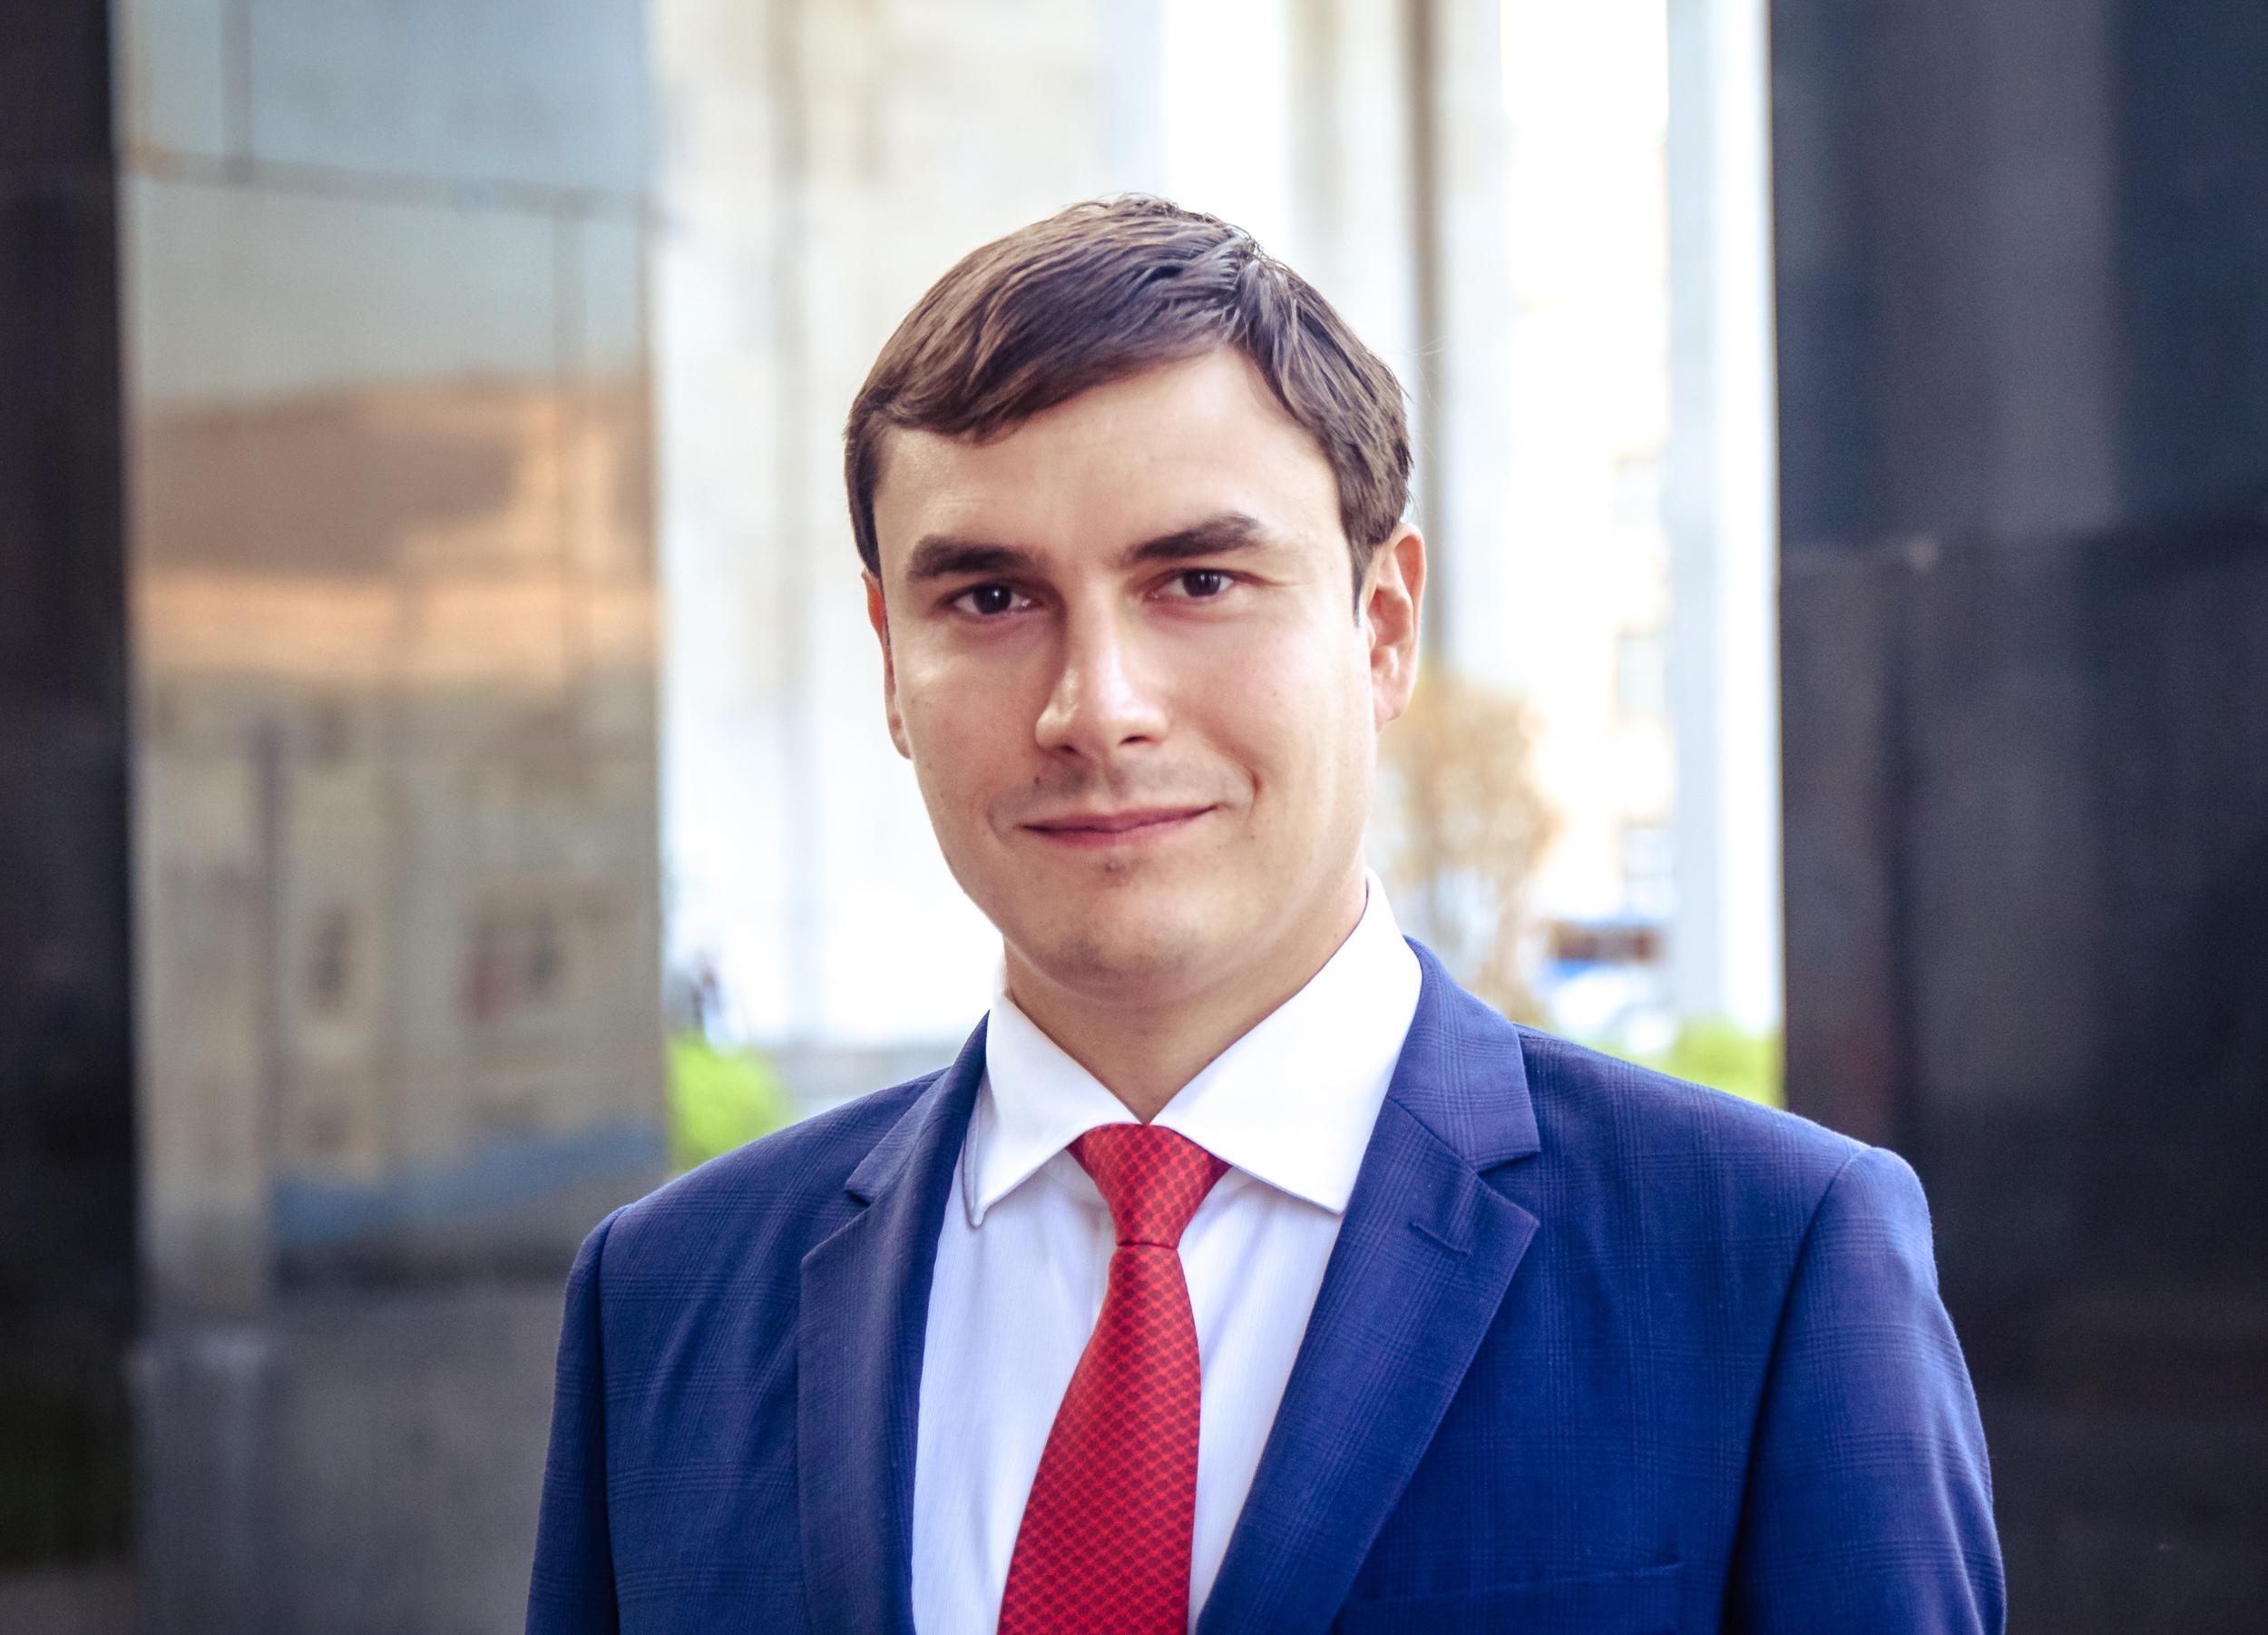 Сергей шаргунов биография жена и дети фото